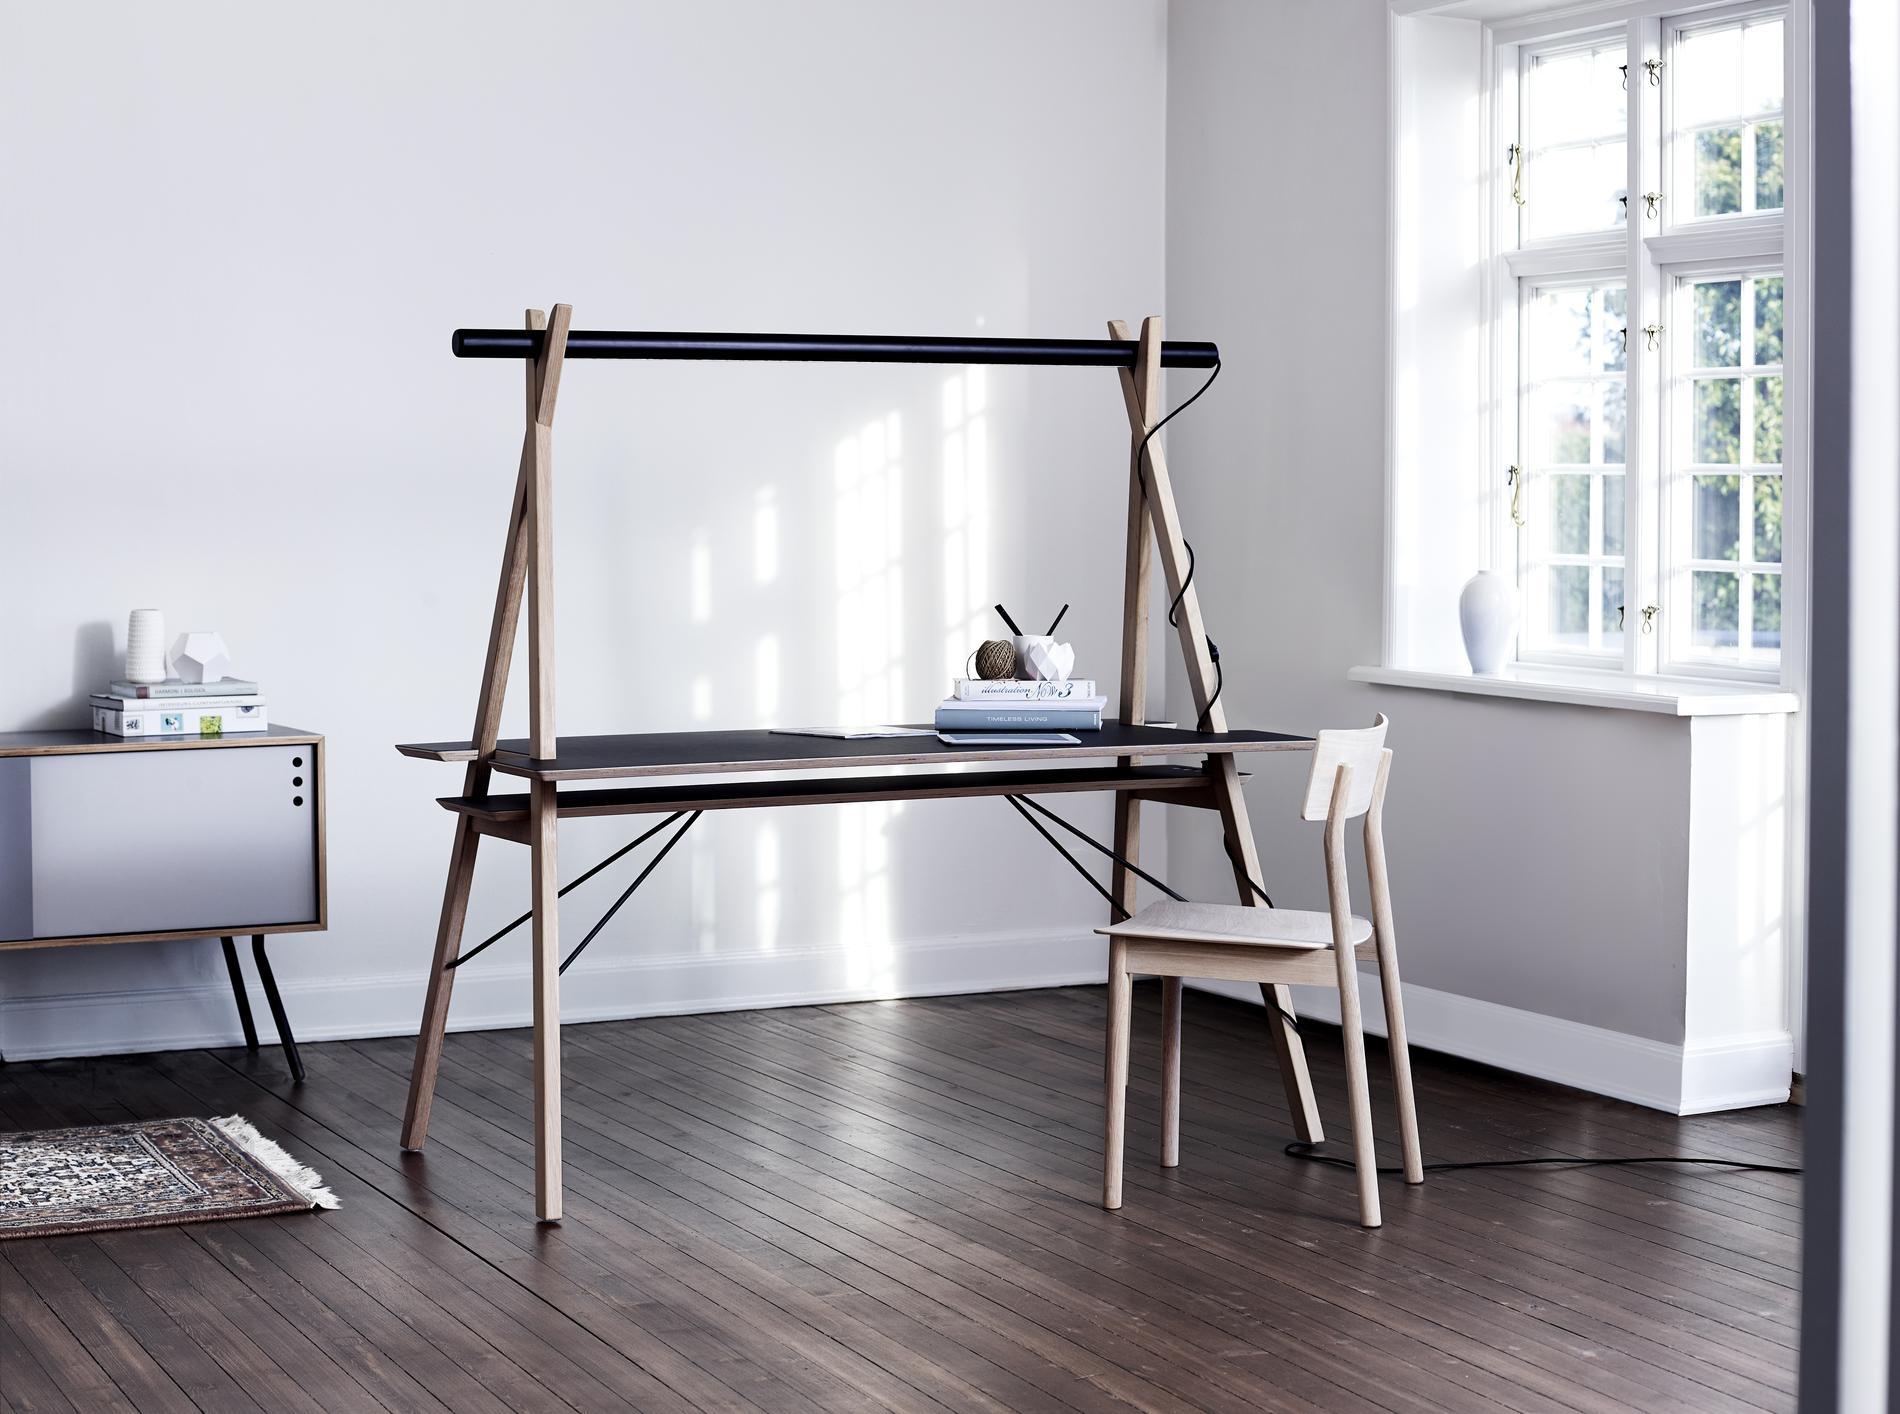 un bureau domicile des mod les compacts et design madame figaro. Black Bedroom Furniture Sets. Home Design Ideas